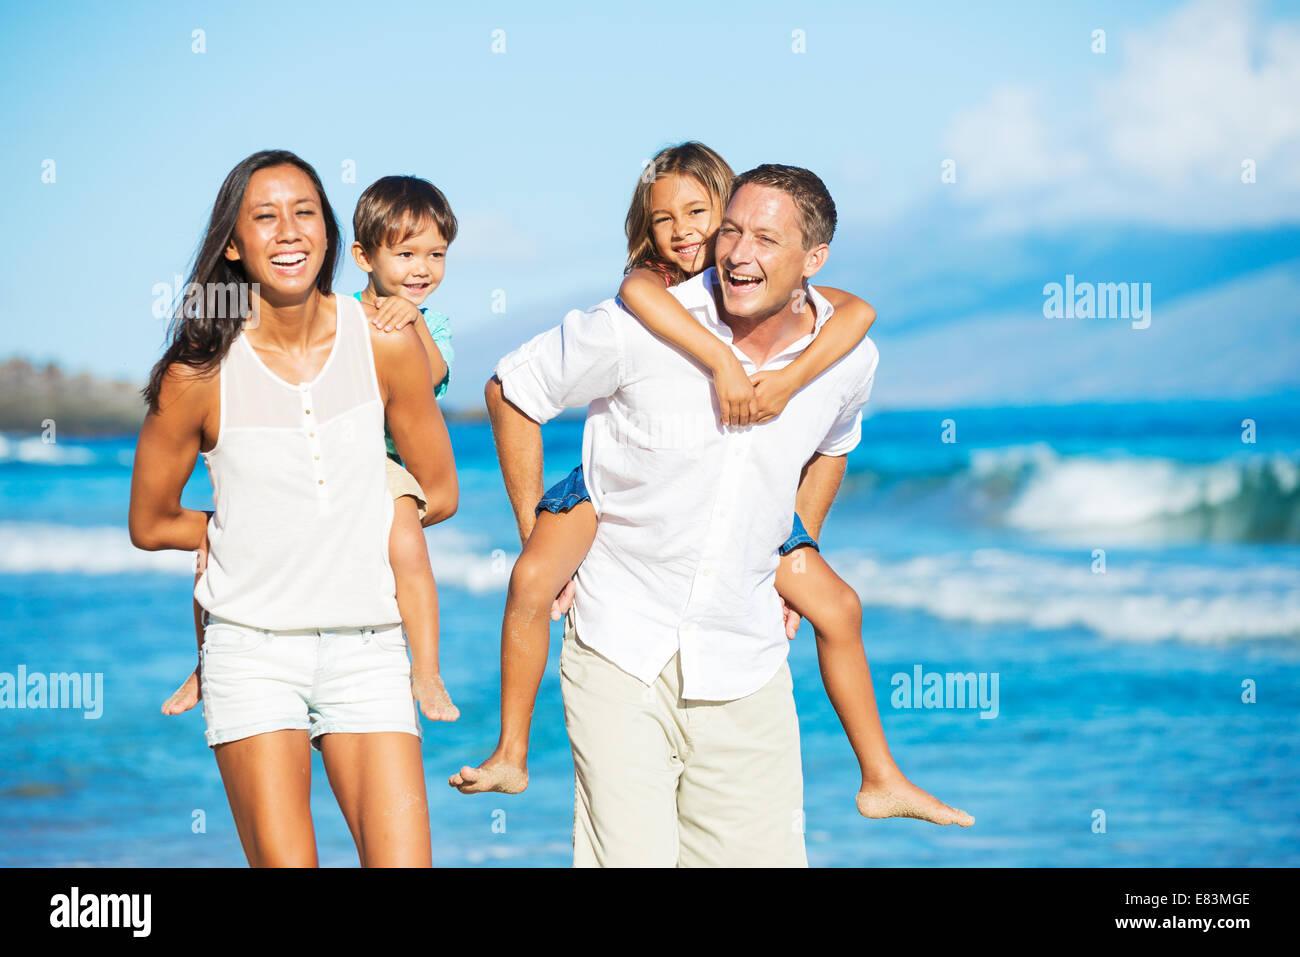 Feliz familia de cuatro personas de raza mixta en la playa Imagen De Stock